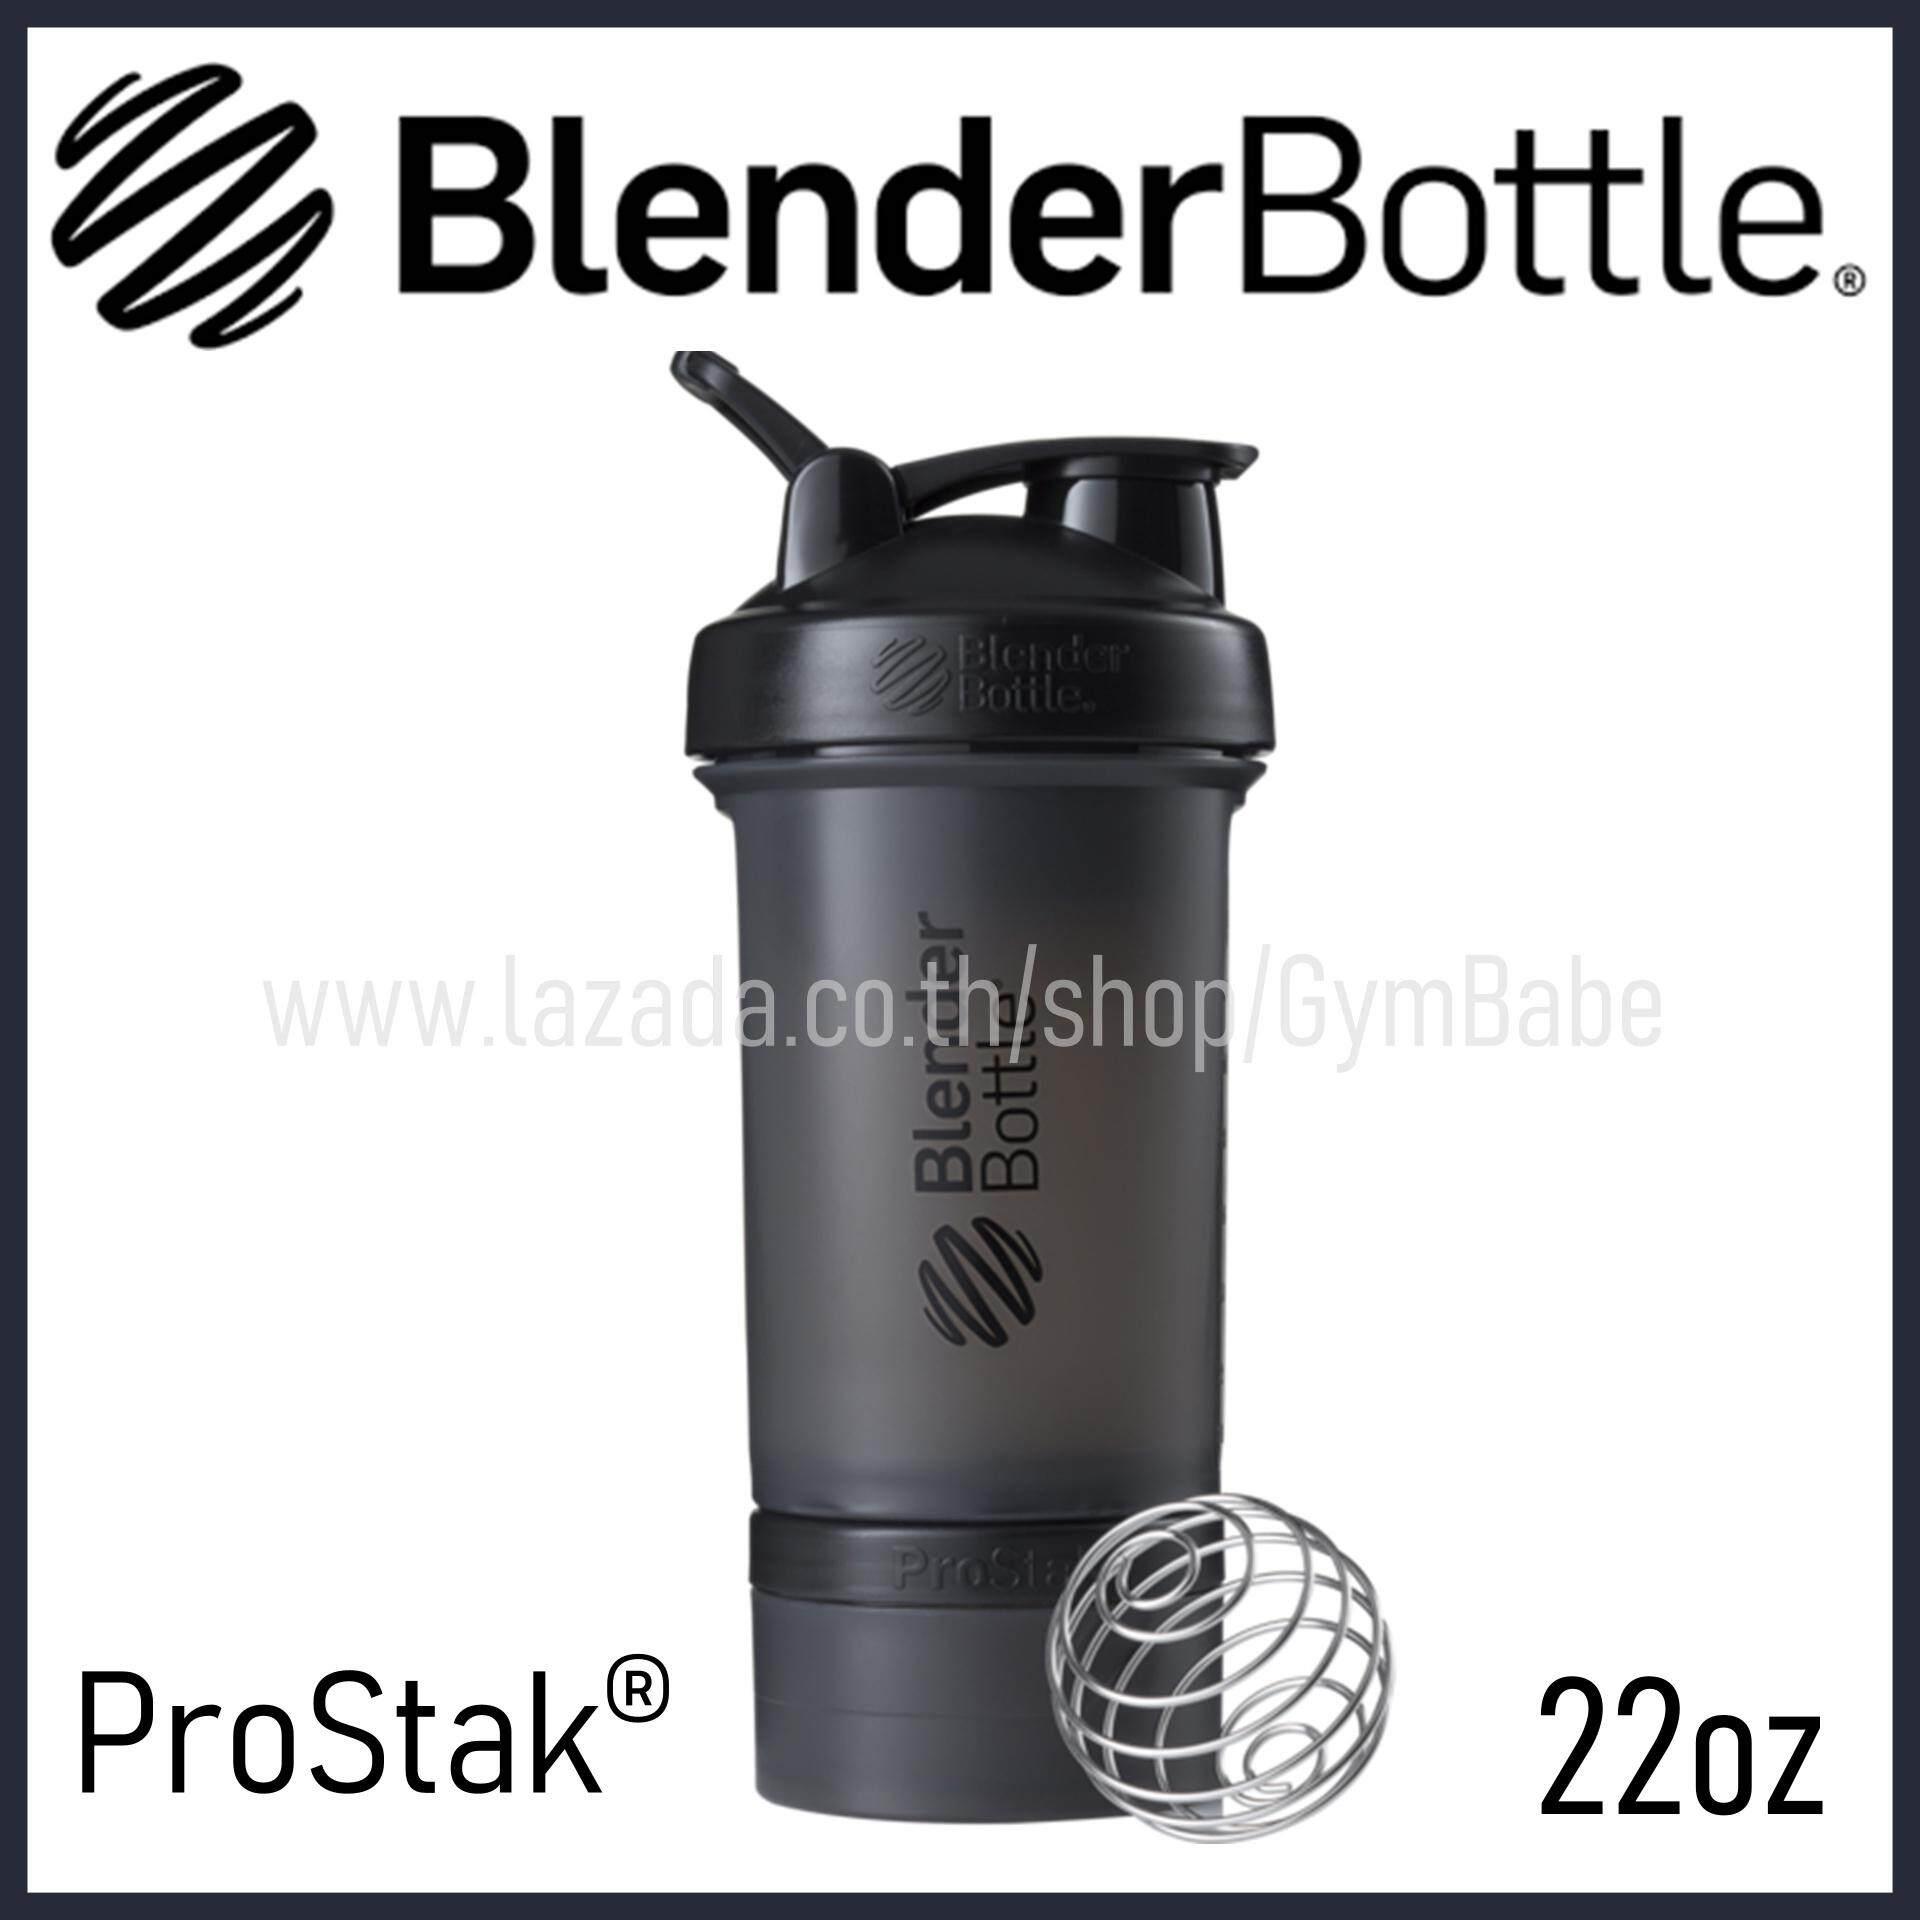 (Black)แก้วเชค BlenderBottle ของแท้ รุ่น PROSTAK® Shaker Bottle ขนาด 22 oz